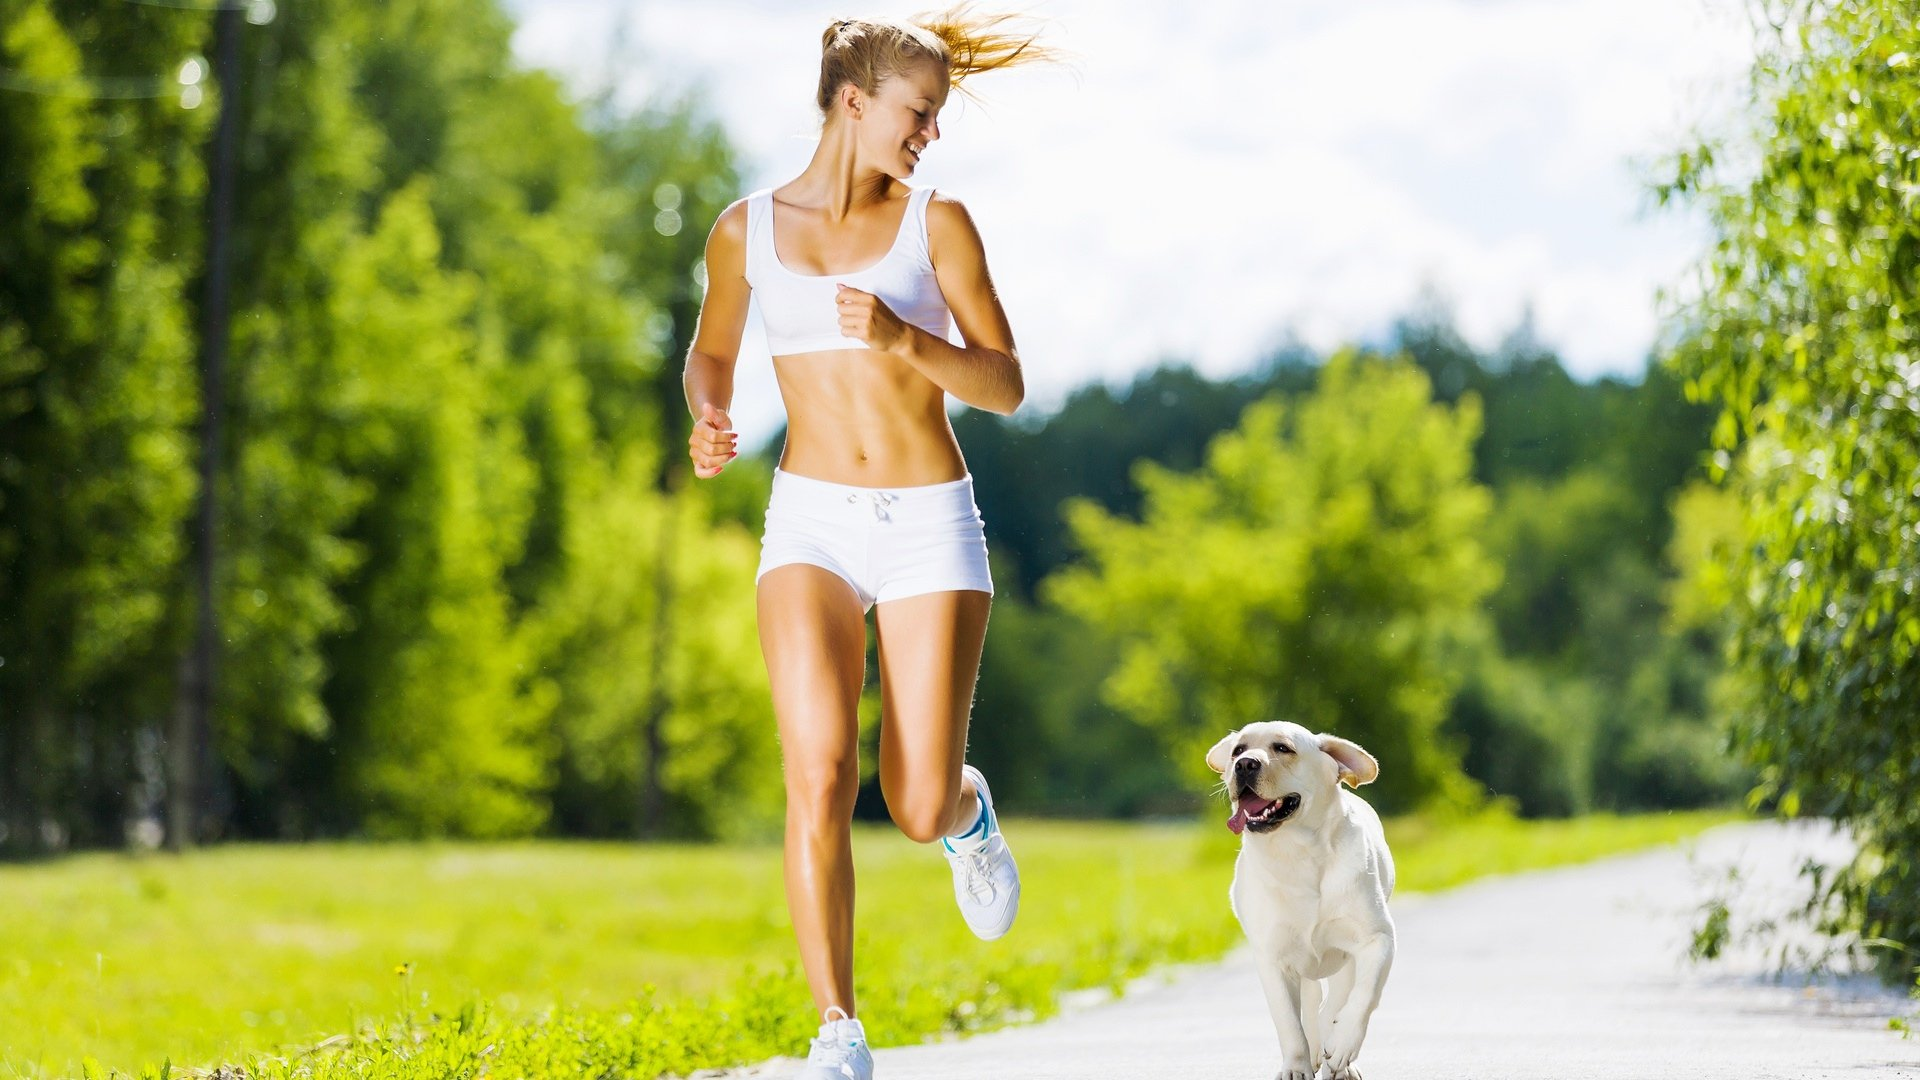 Как правильно гулять с собакой на улице